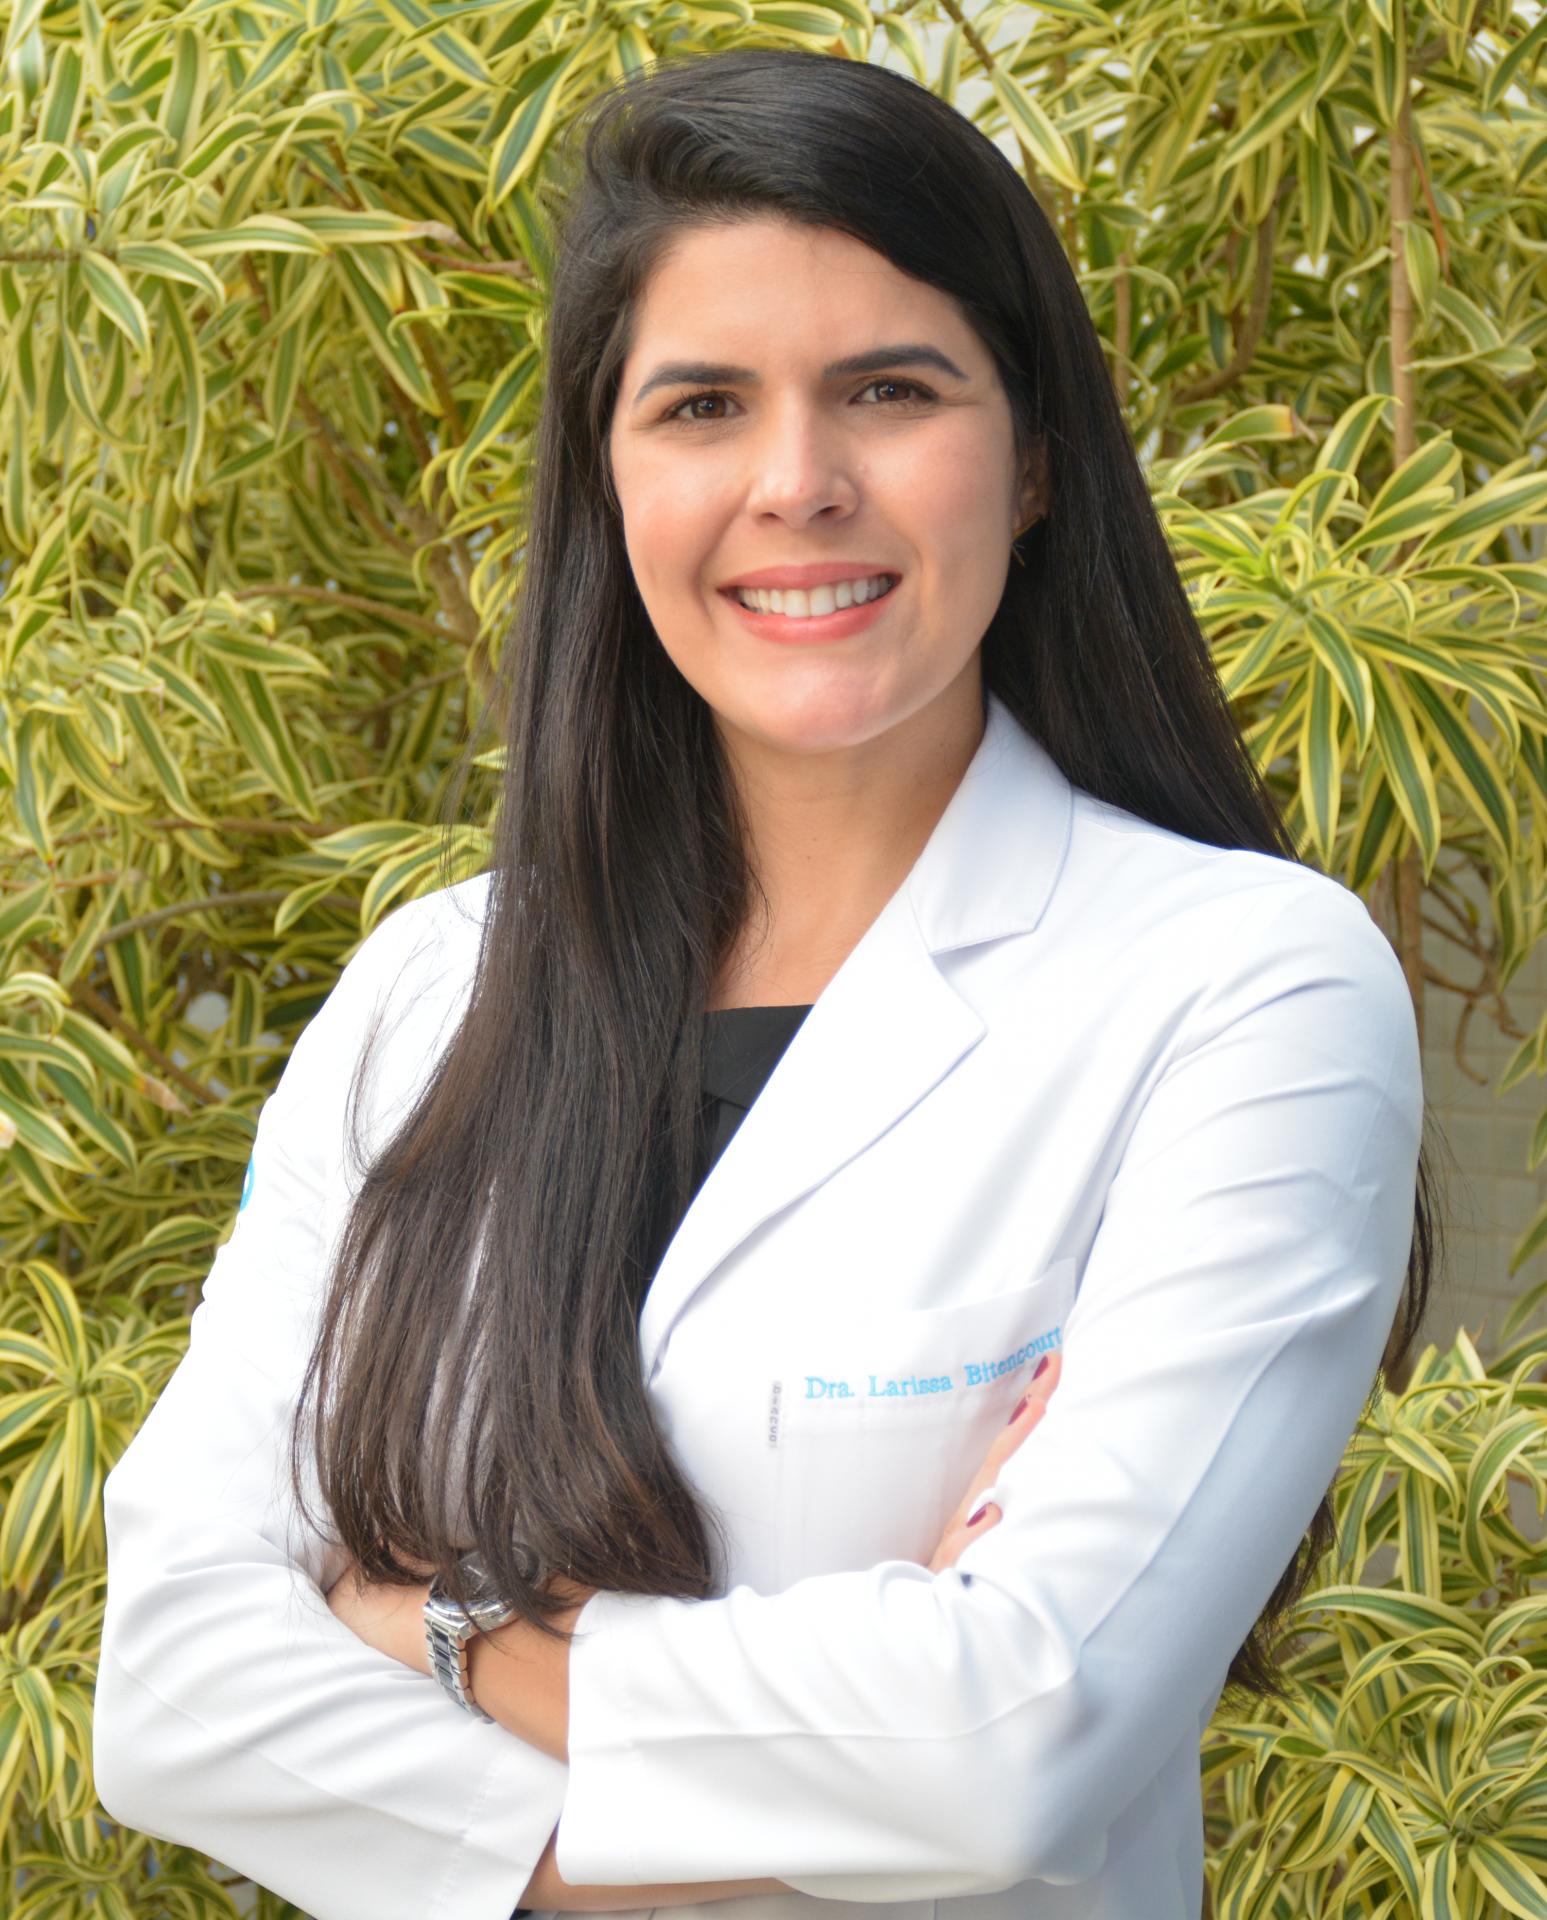 Dra. Larissa Bittencourt